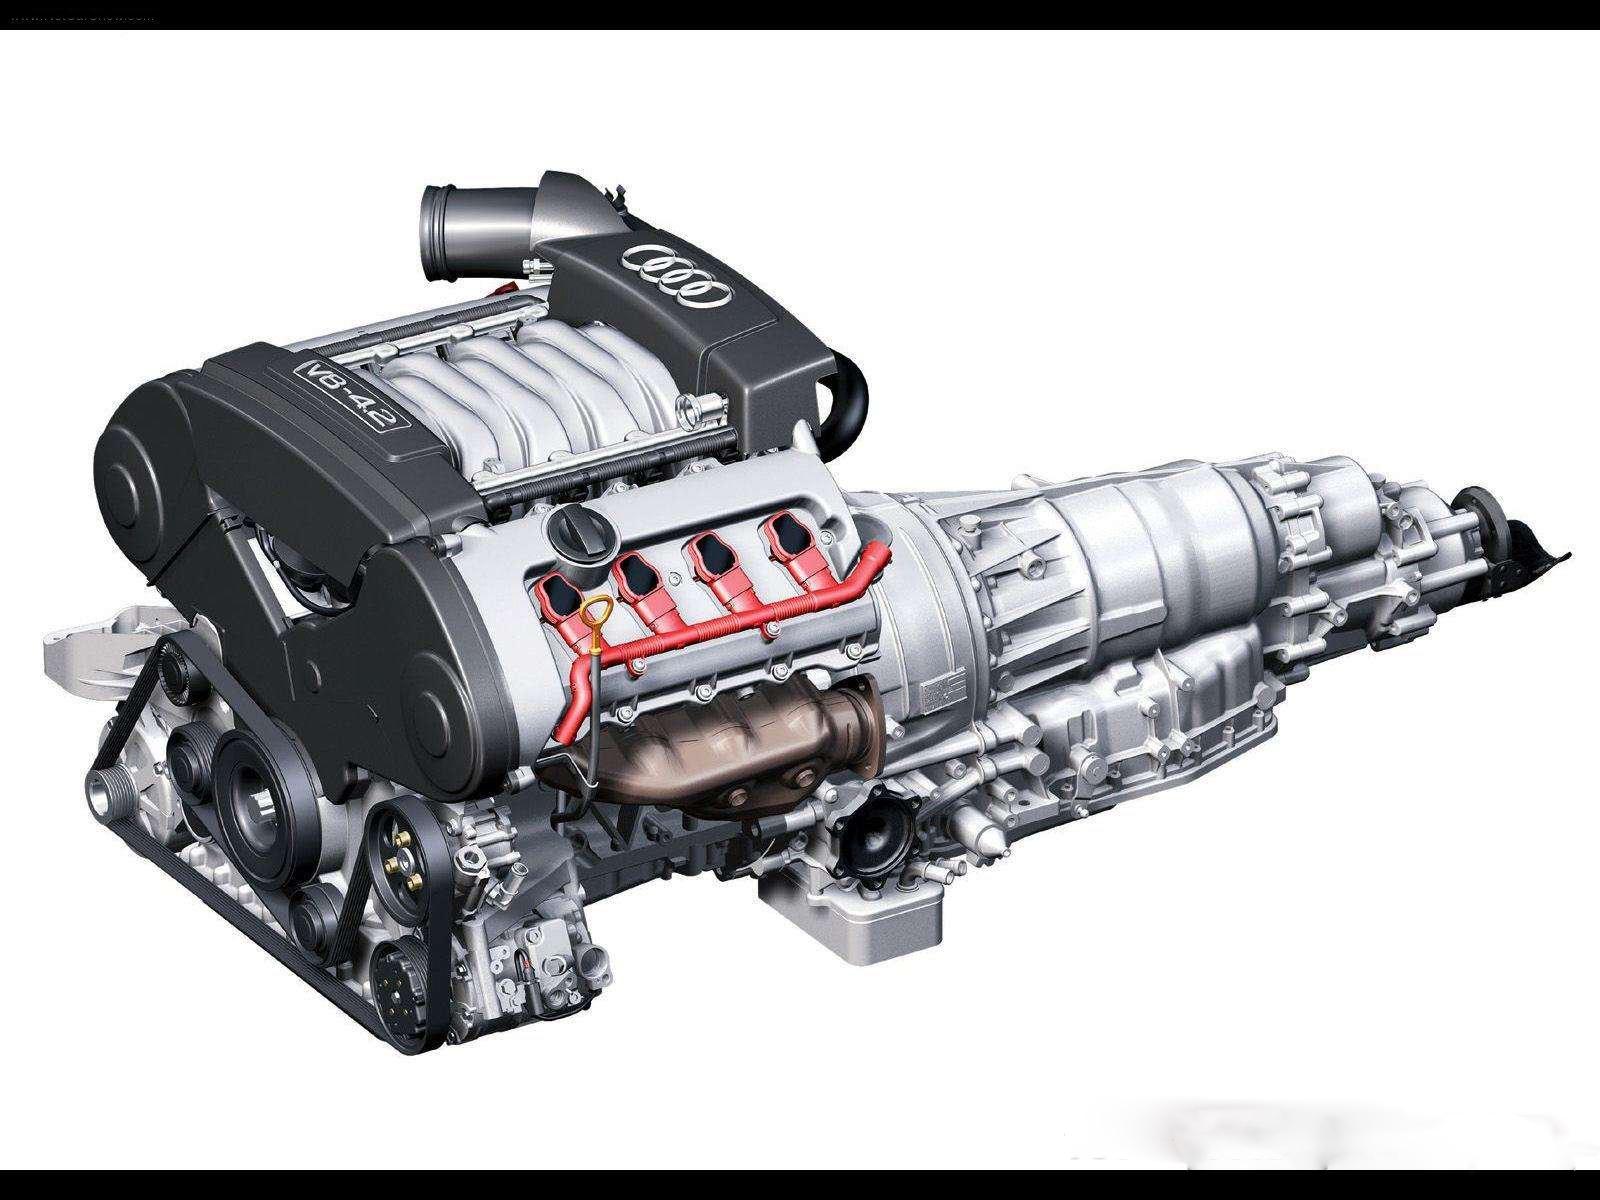 Audi a8 l 6 0 w12 quattro 2004 picture 3 of 5 rear angle image - 2004 Audi A8 4 2 Quattro V8 Engine